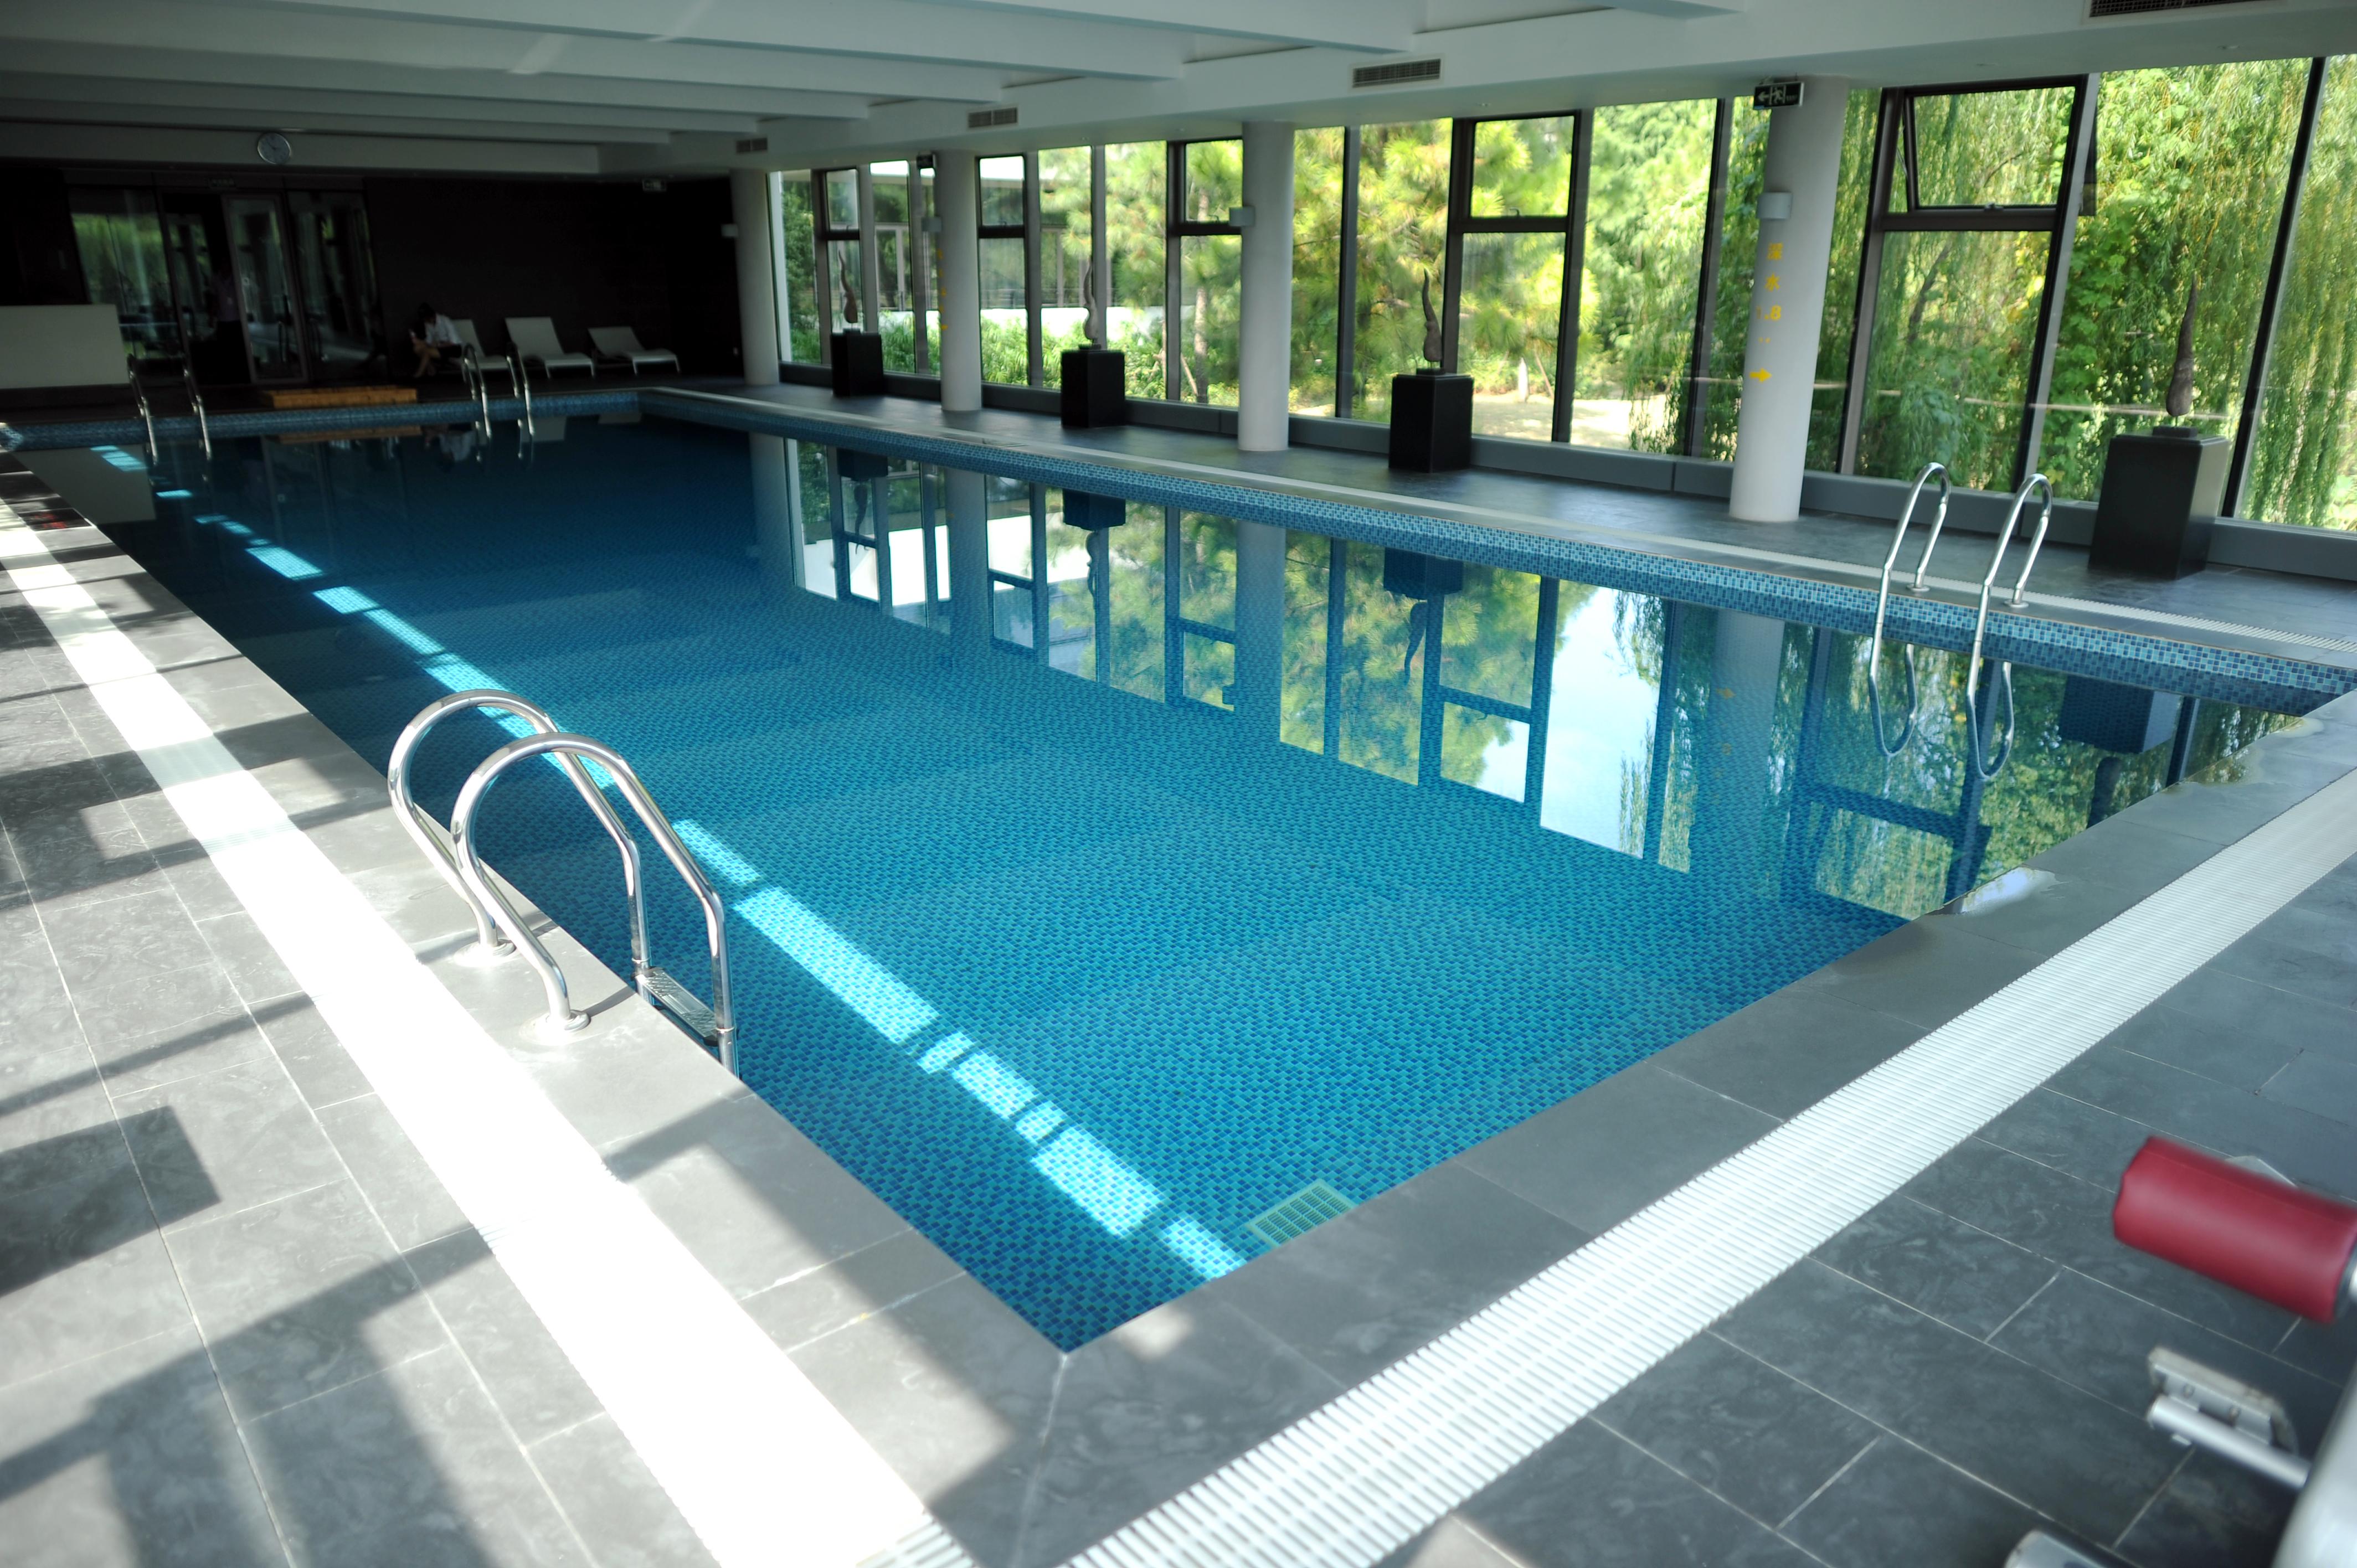 游泳池_泳池 游泳池 4256_2832